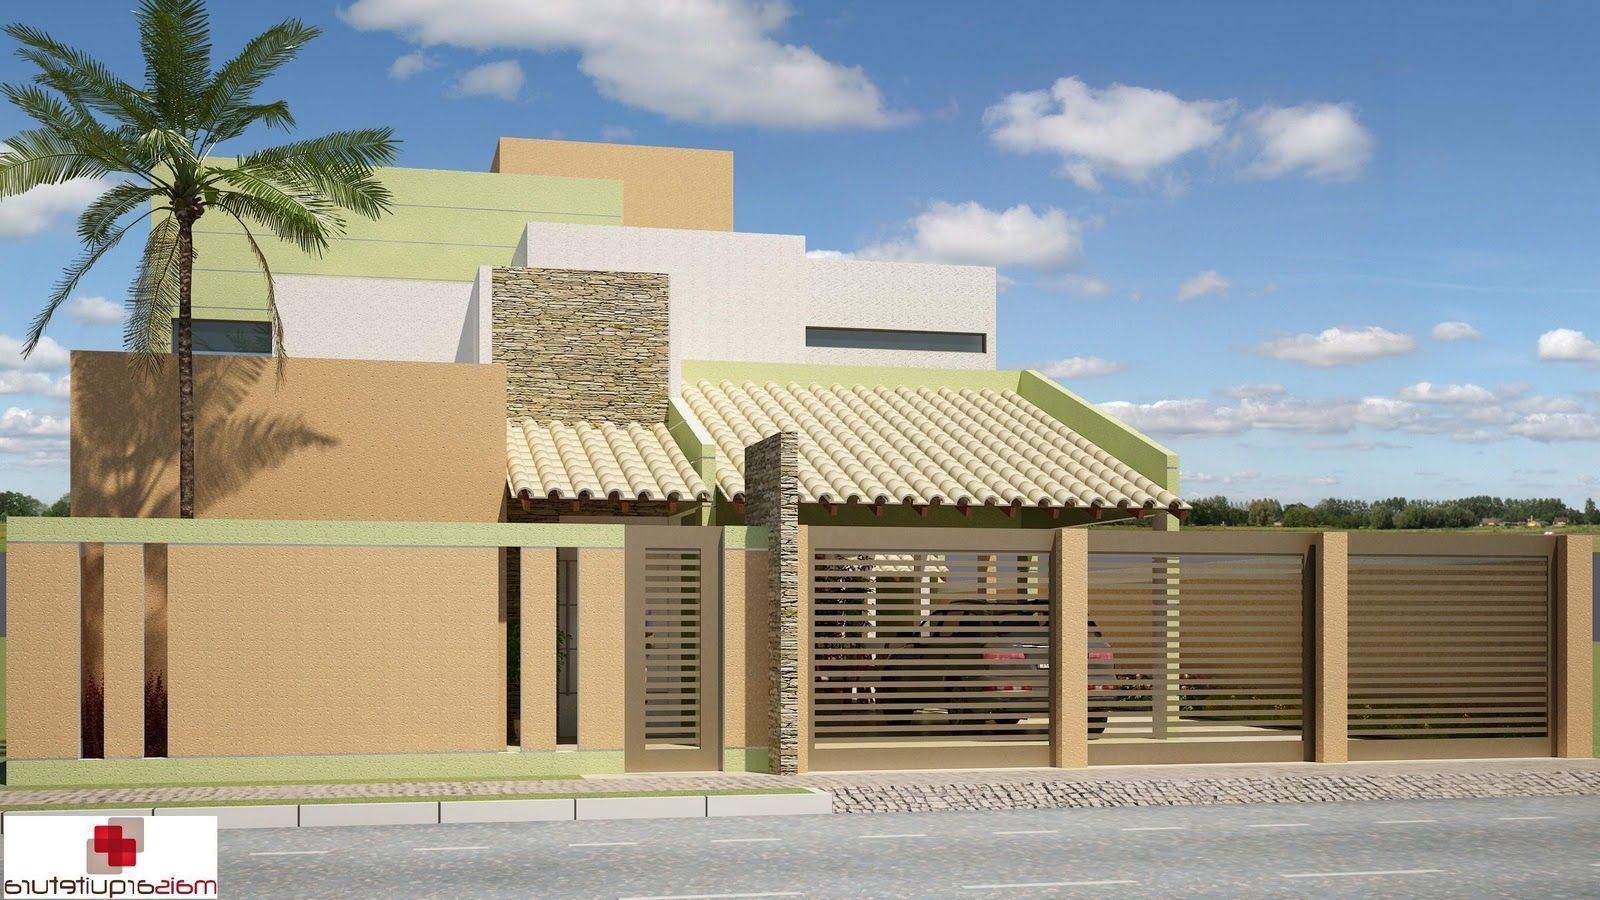 fachadas modernas casas modernas muros entrada puertas interiores hogar ideas para mansiones